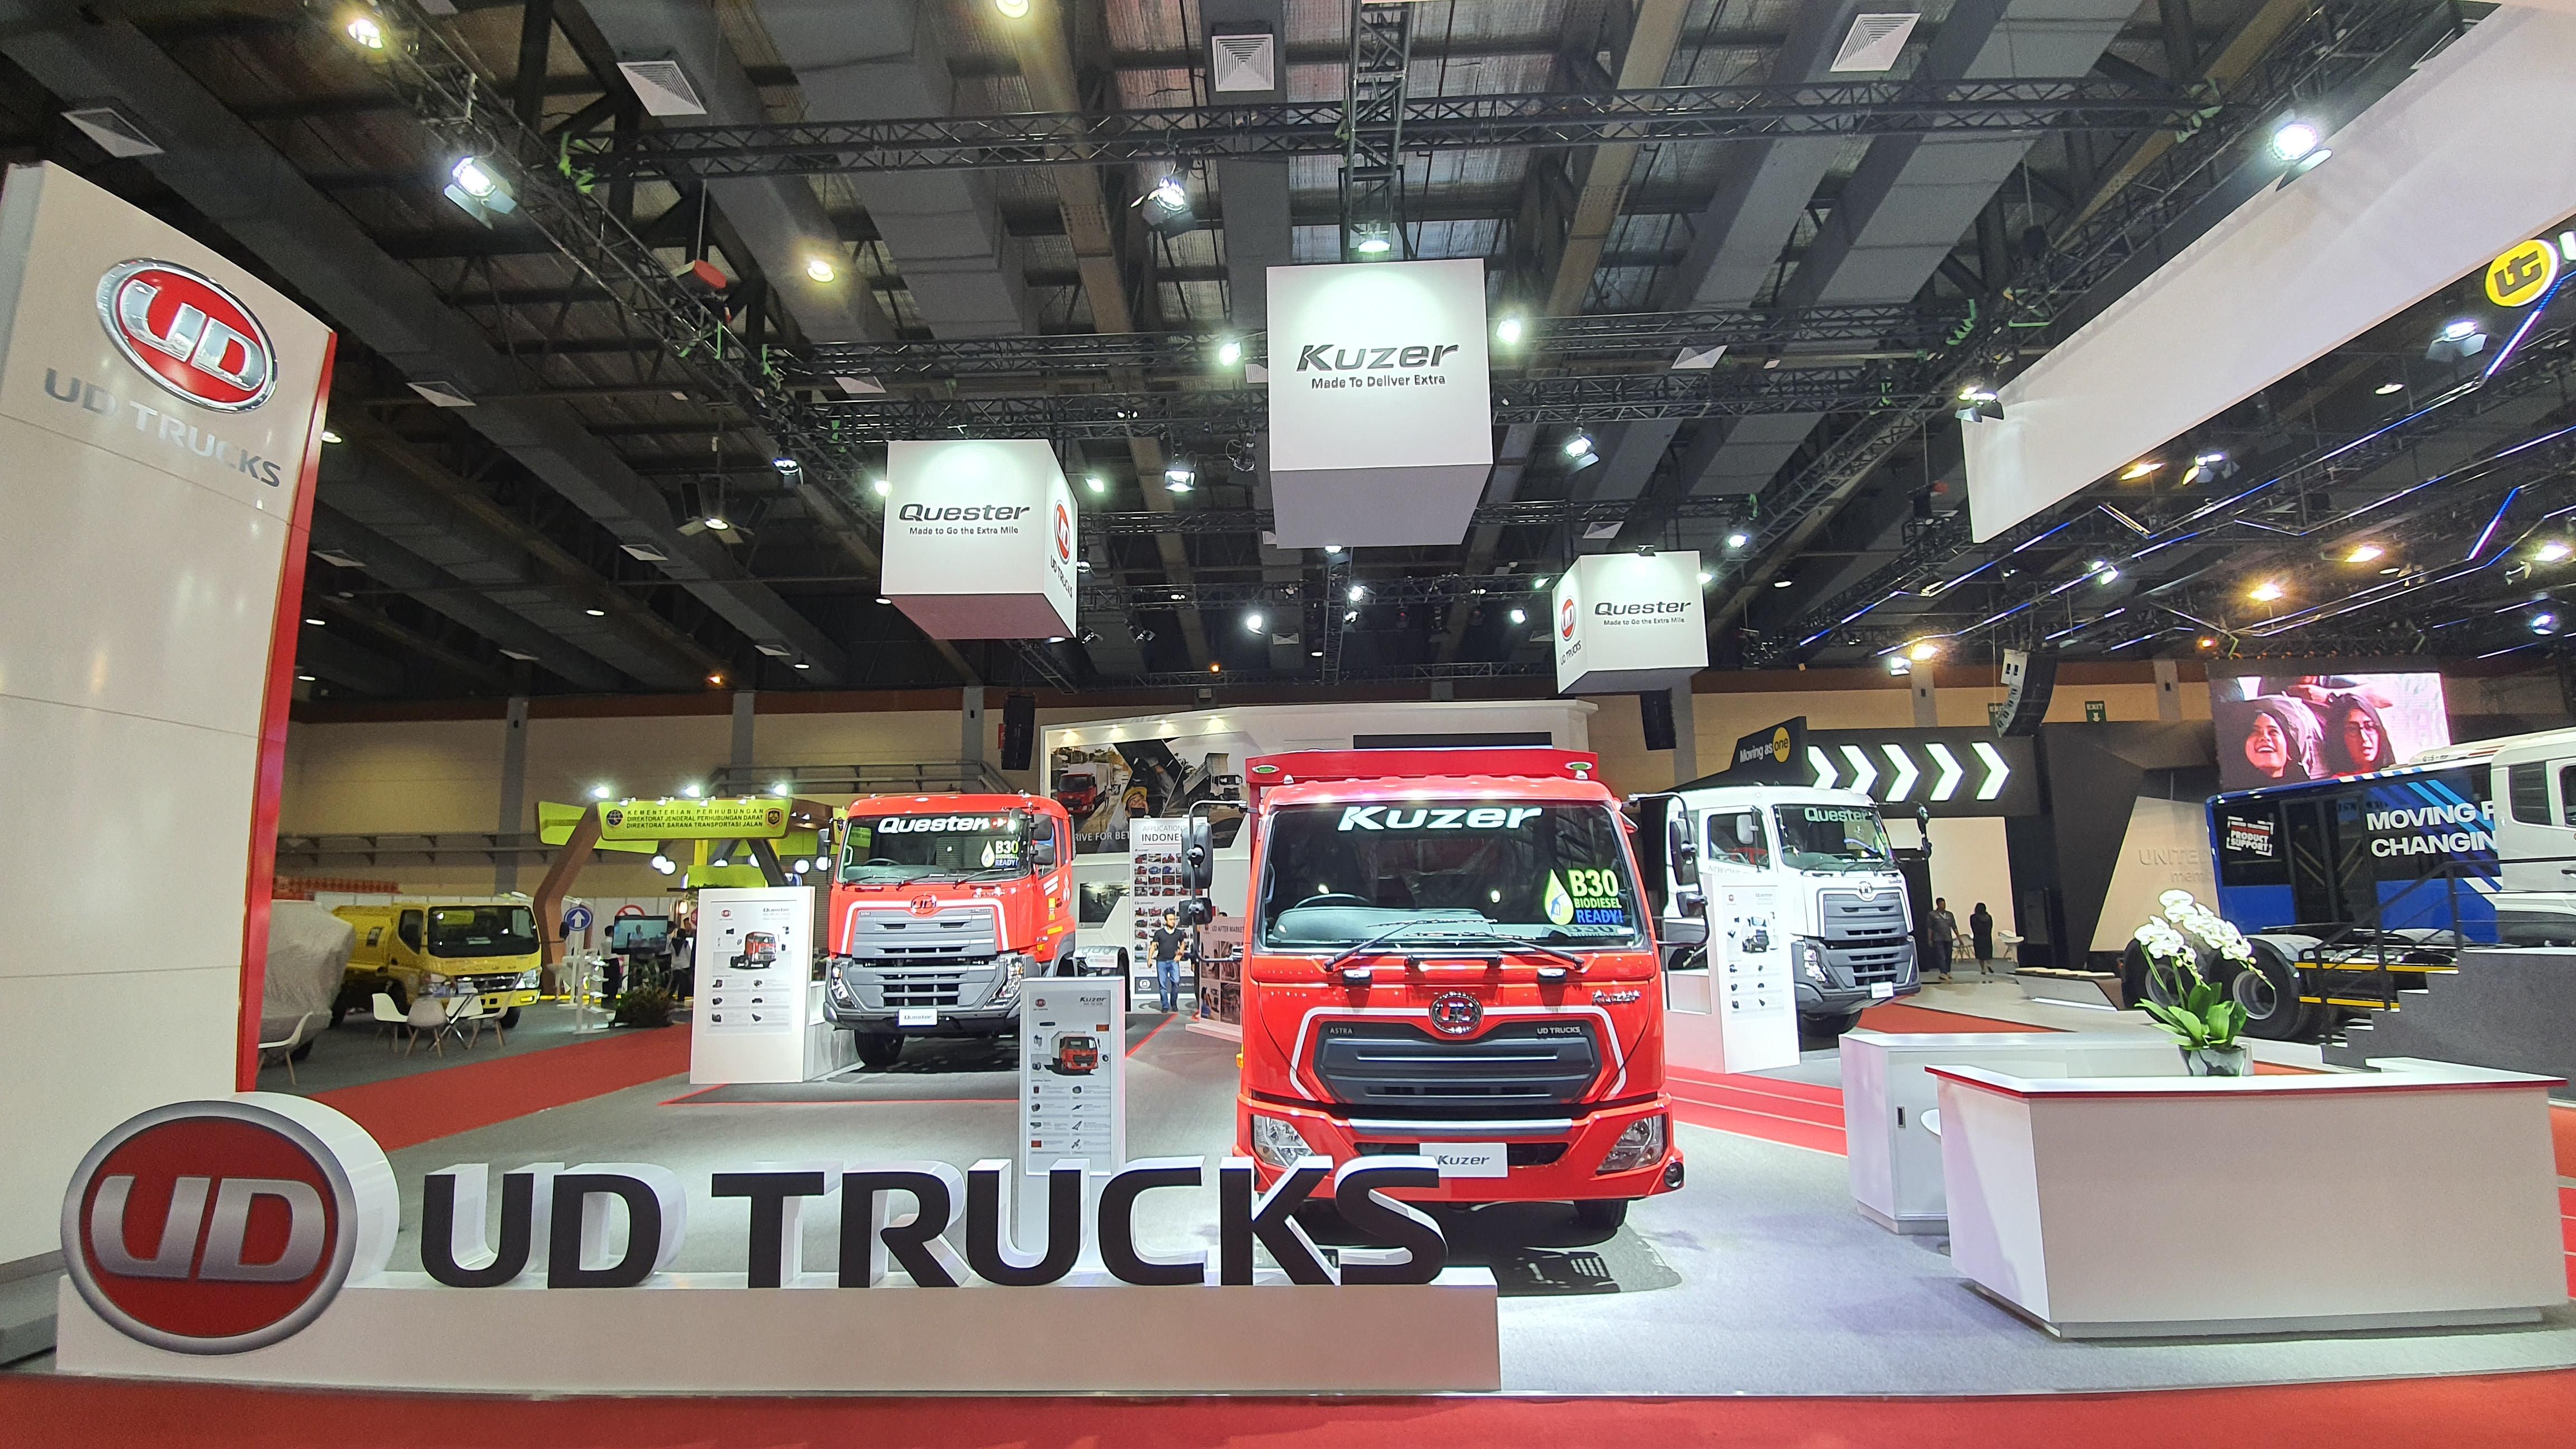 UD Trucks Pamerkan Kuzer & New Quester pada Ajang GIICOMVEC 2020